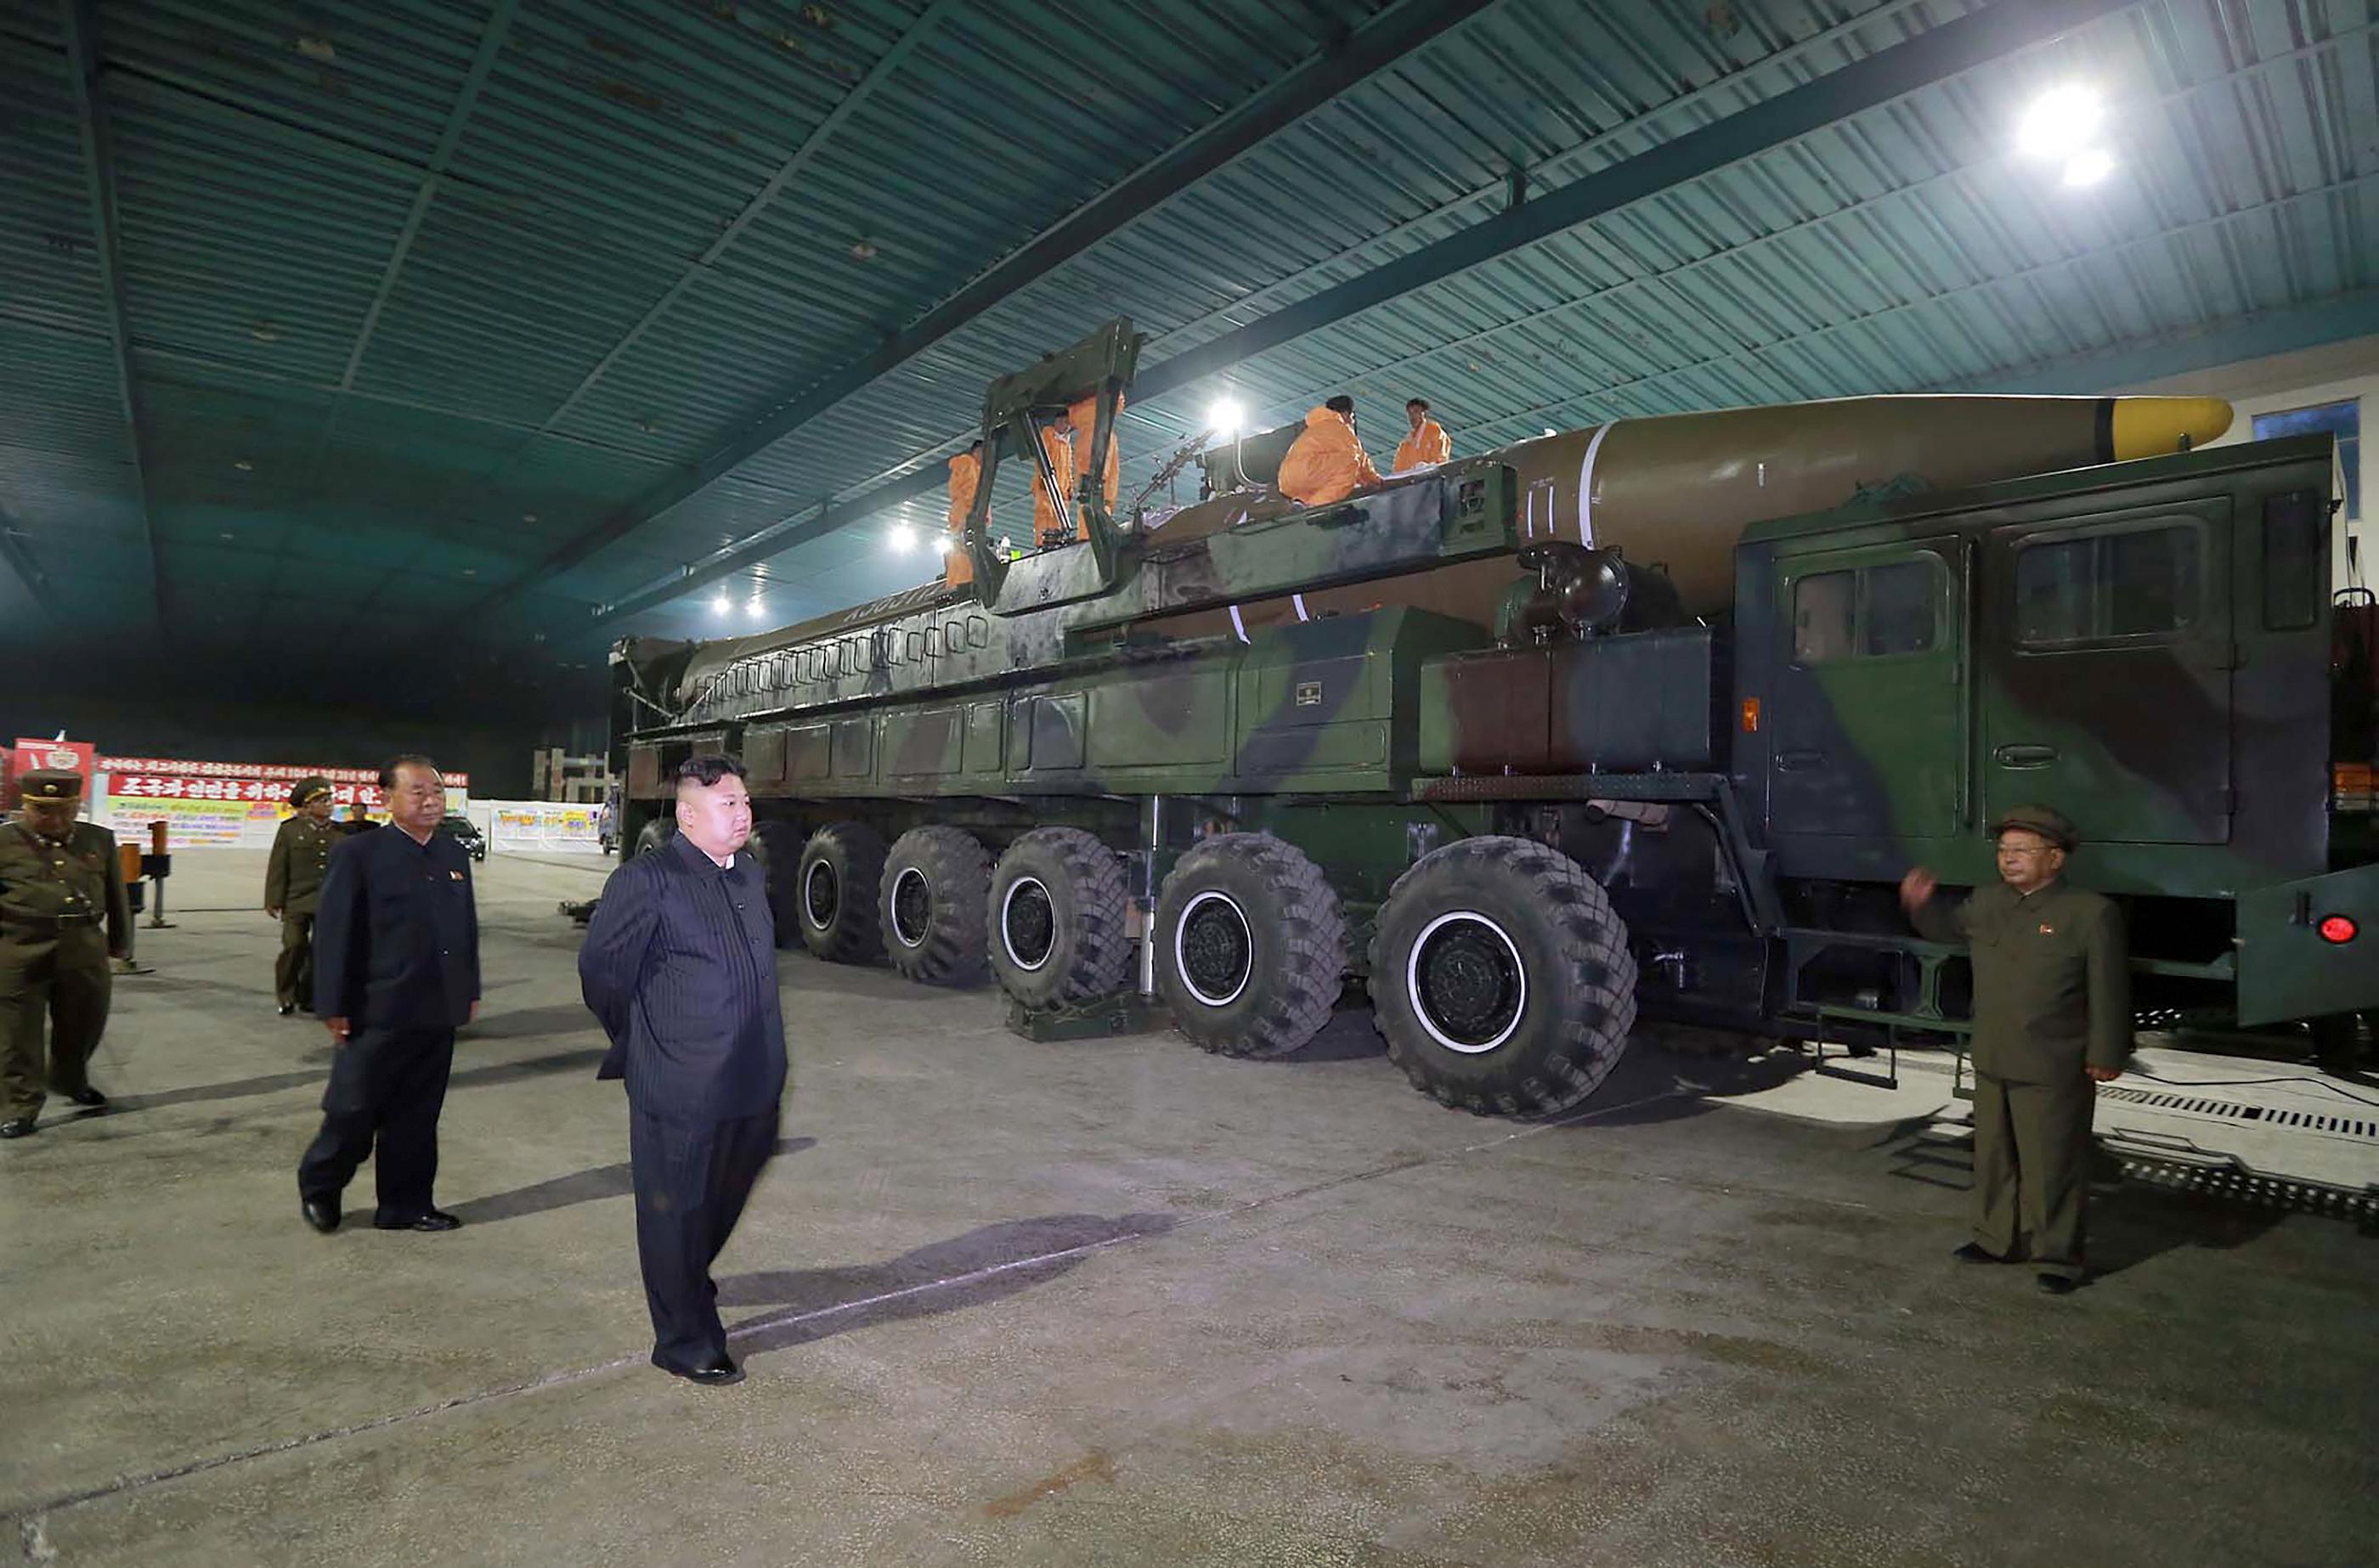 Elképesztő módon derült ki, hogy Észak-Korea egy rakás fegyvert küldött Egyiptomba